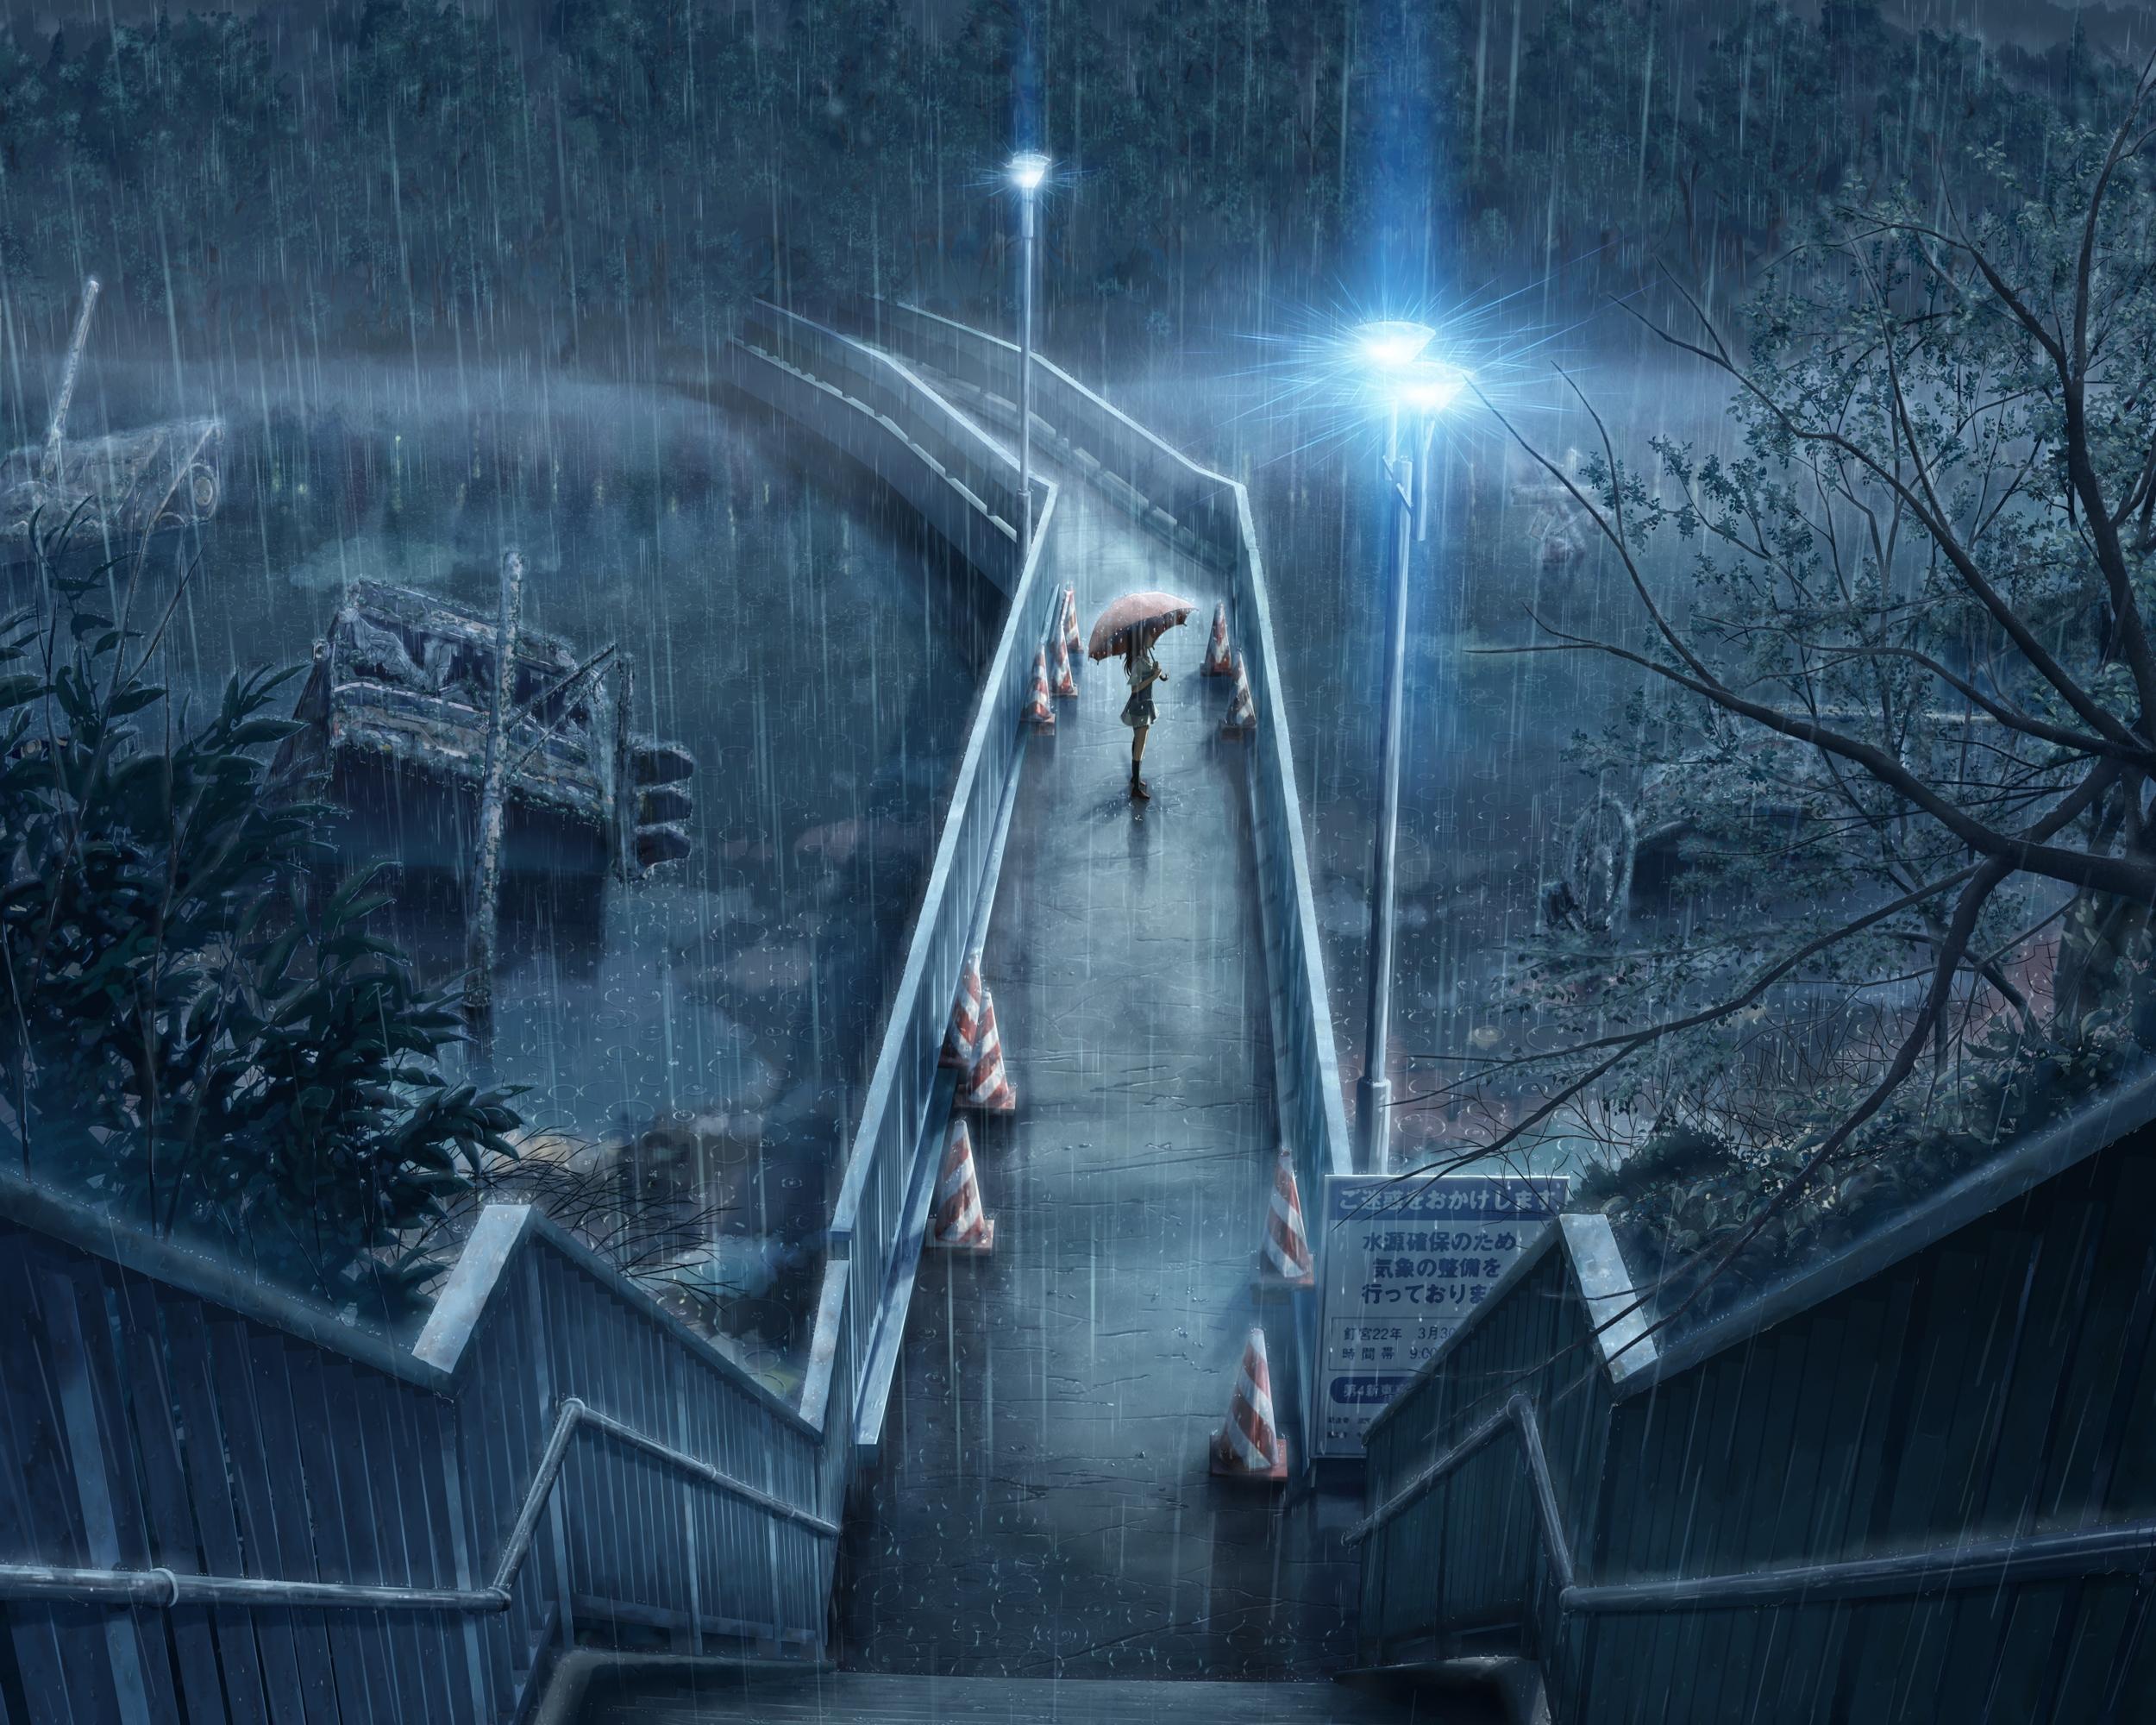 девушка мост зон дома  № 3575353 бесплатно